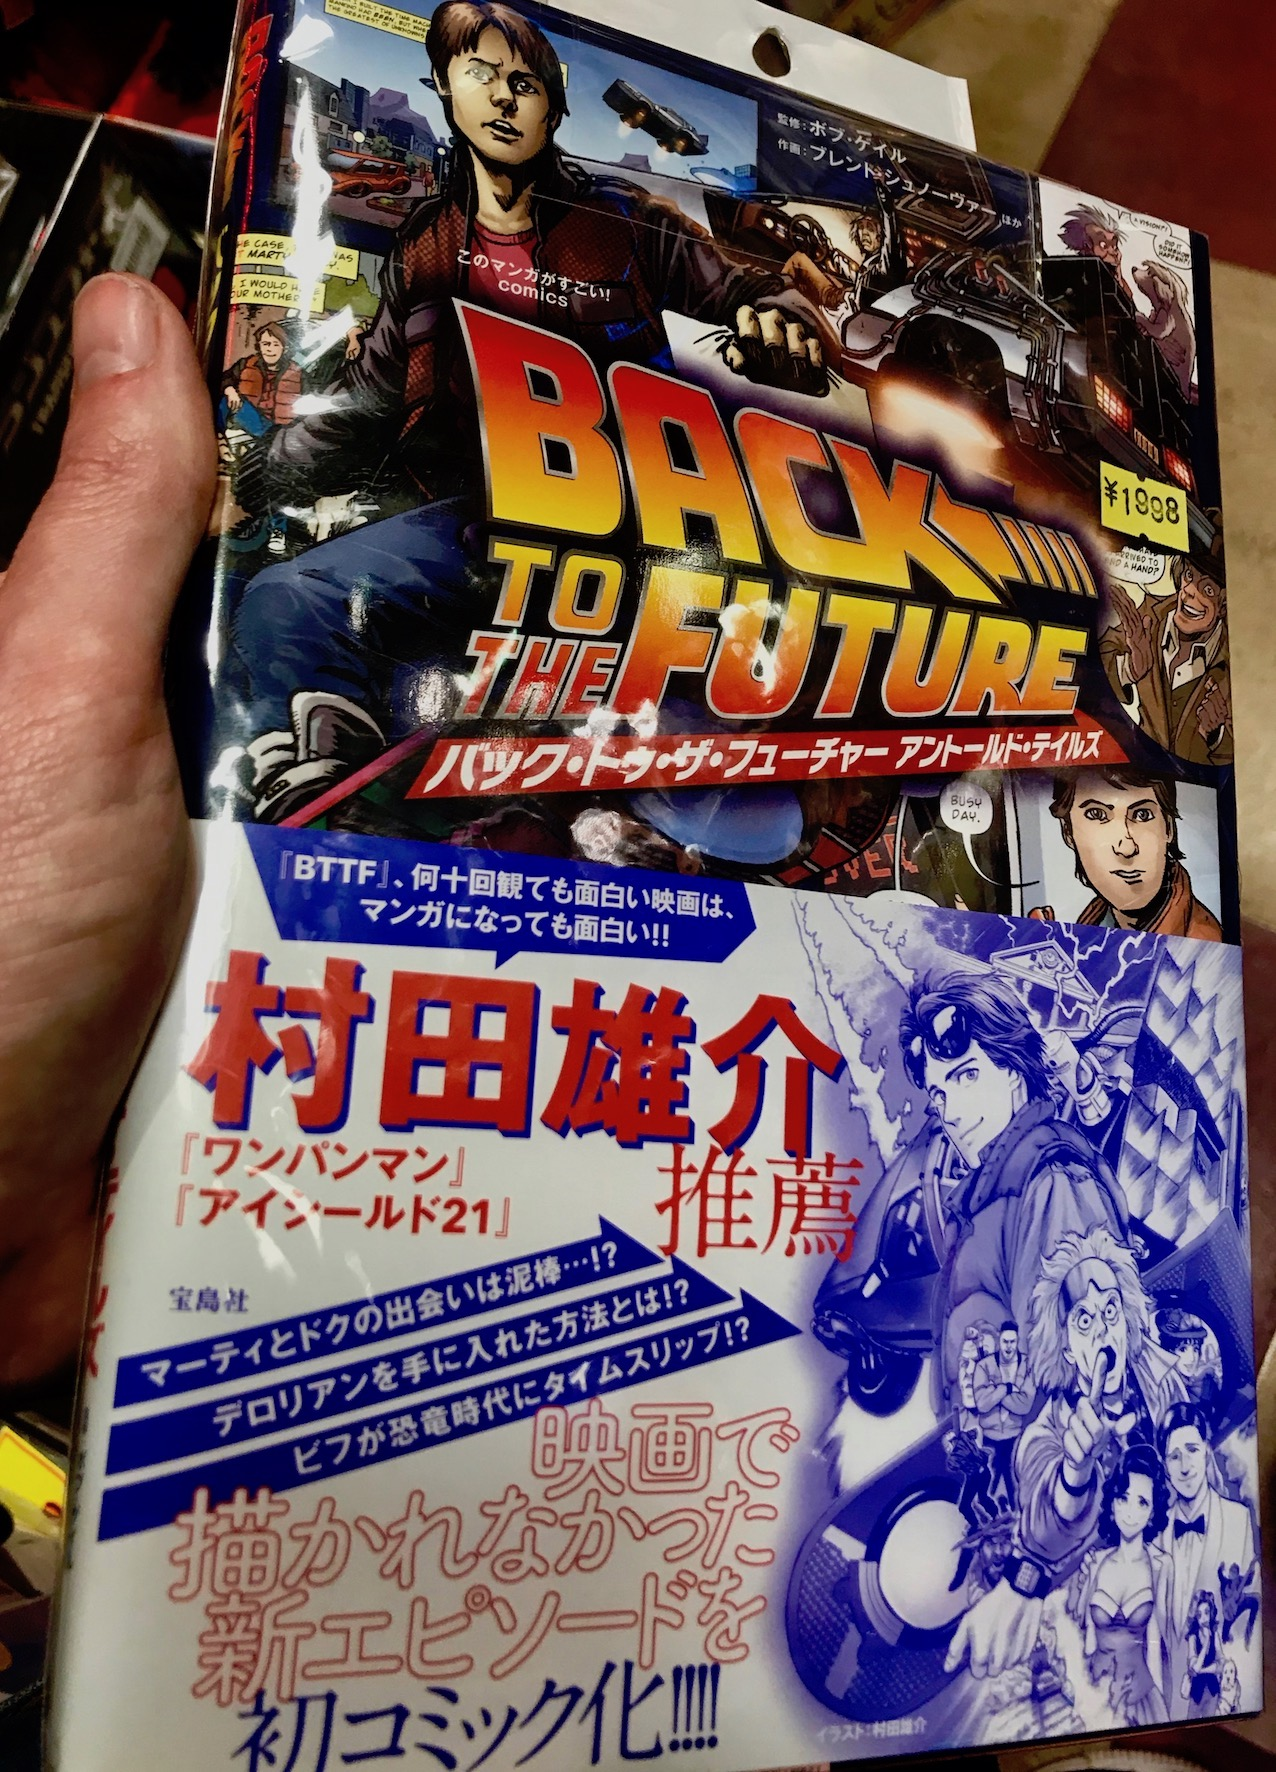 Back to the Future Manga EpiXis Akiba Akihabara Tokyo